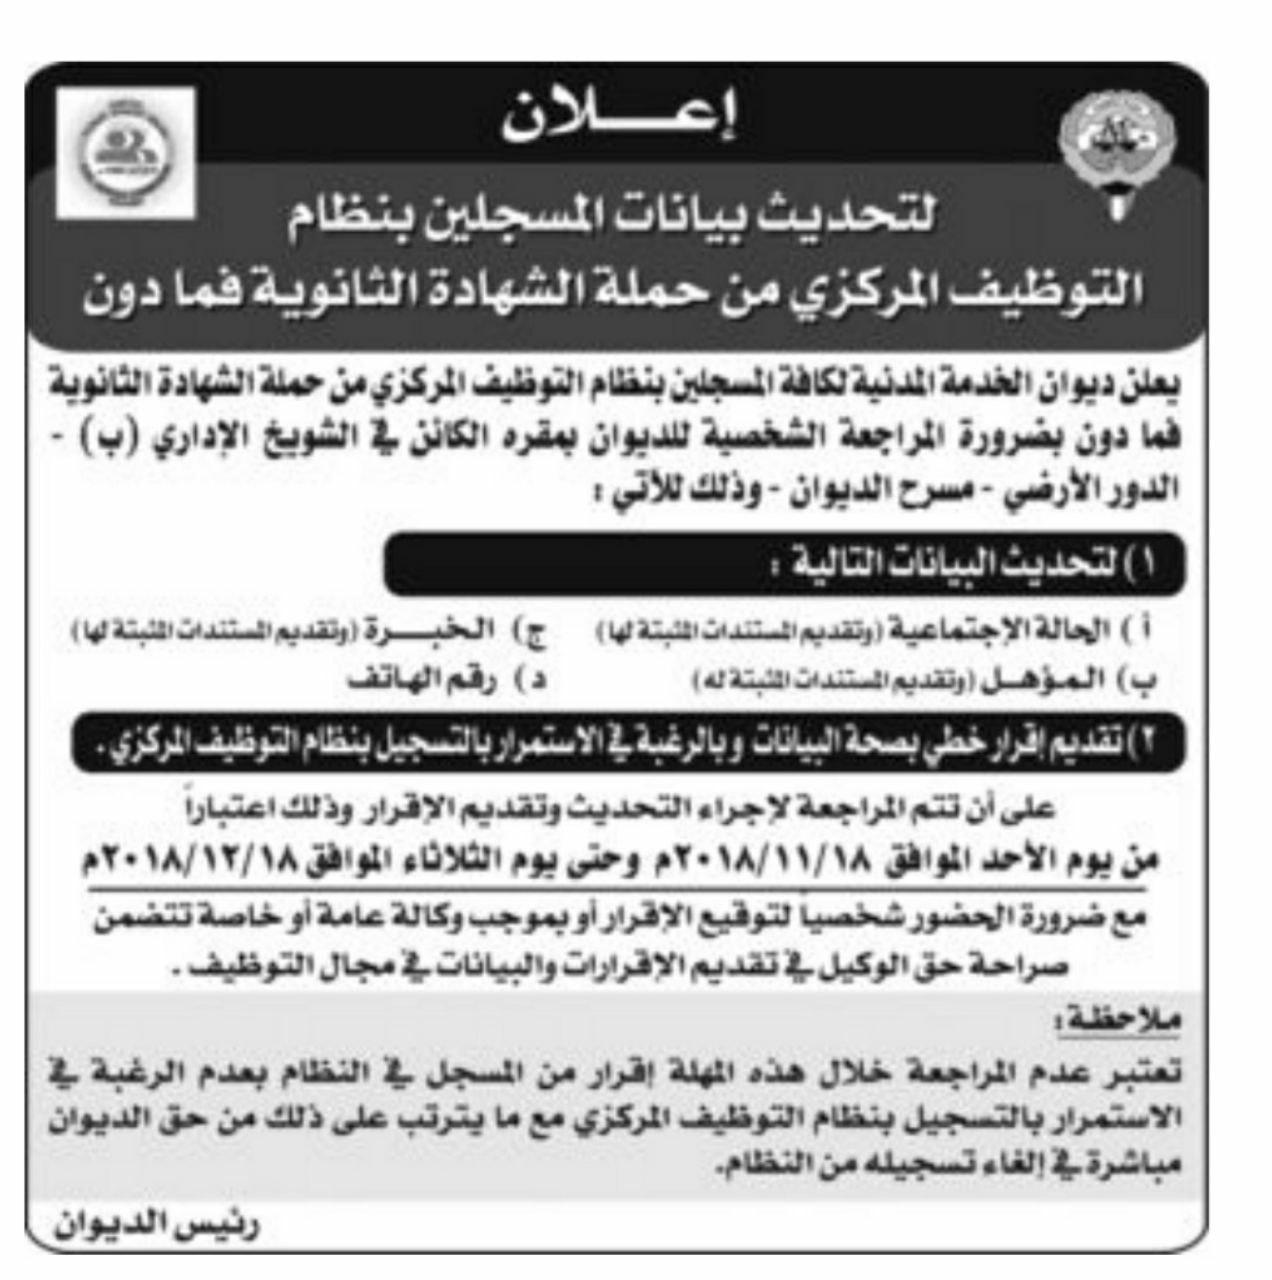 وظائف الكويت الحكوميه للشباب